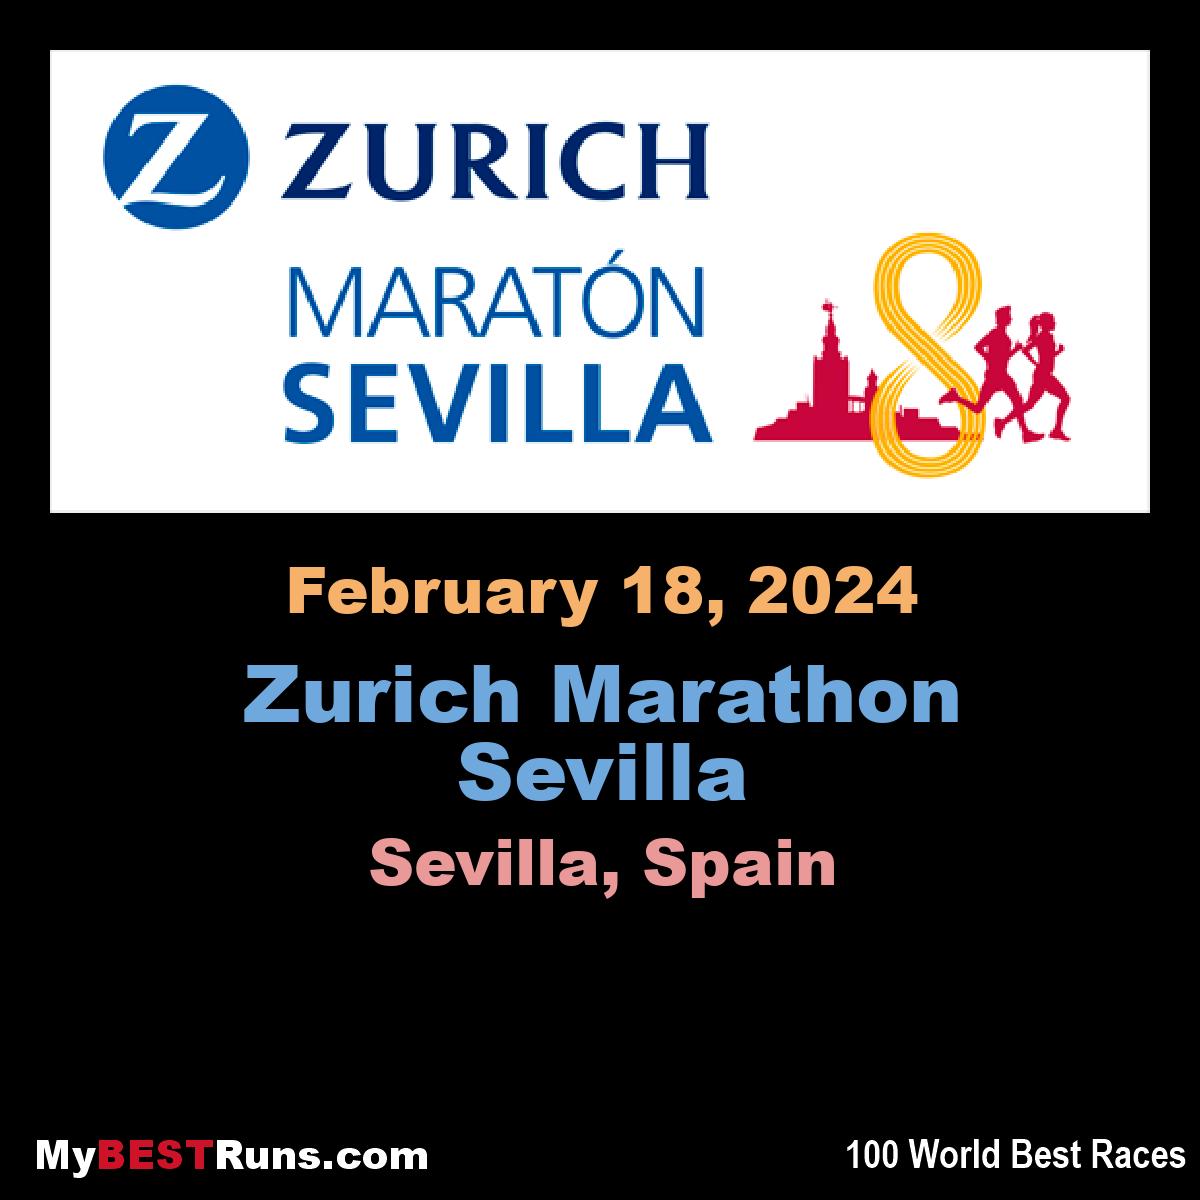 Zurich Marathon Sevilla